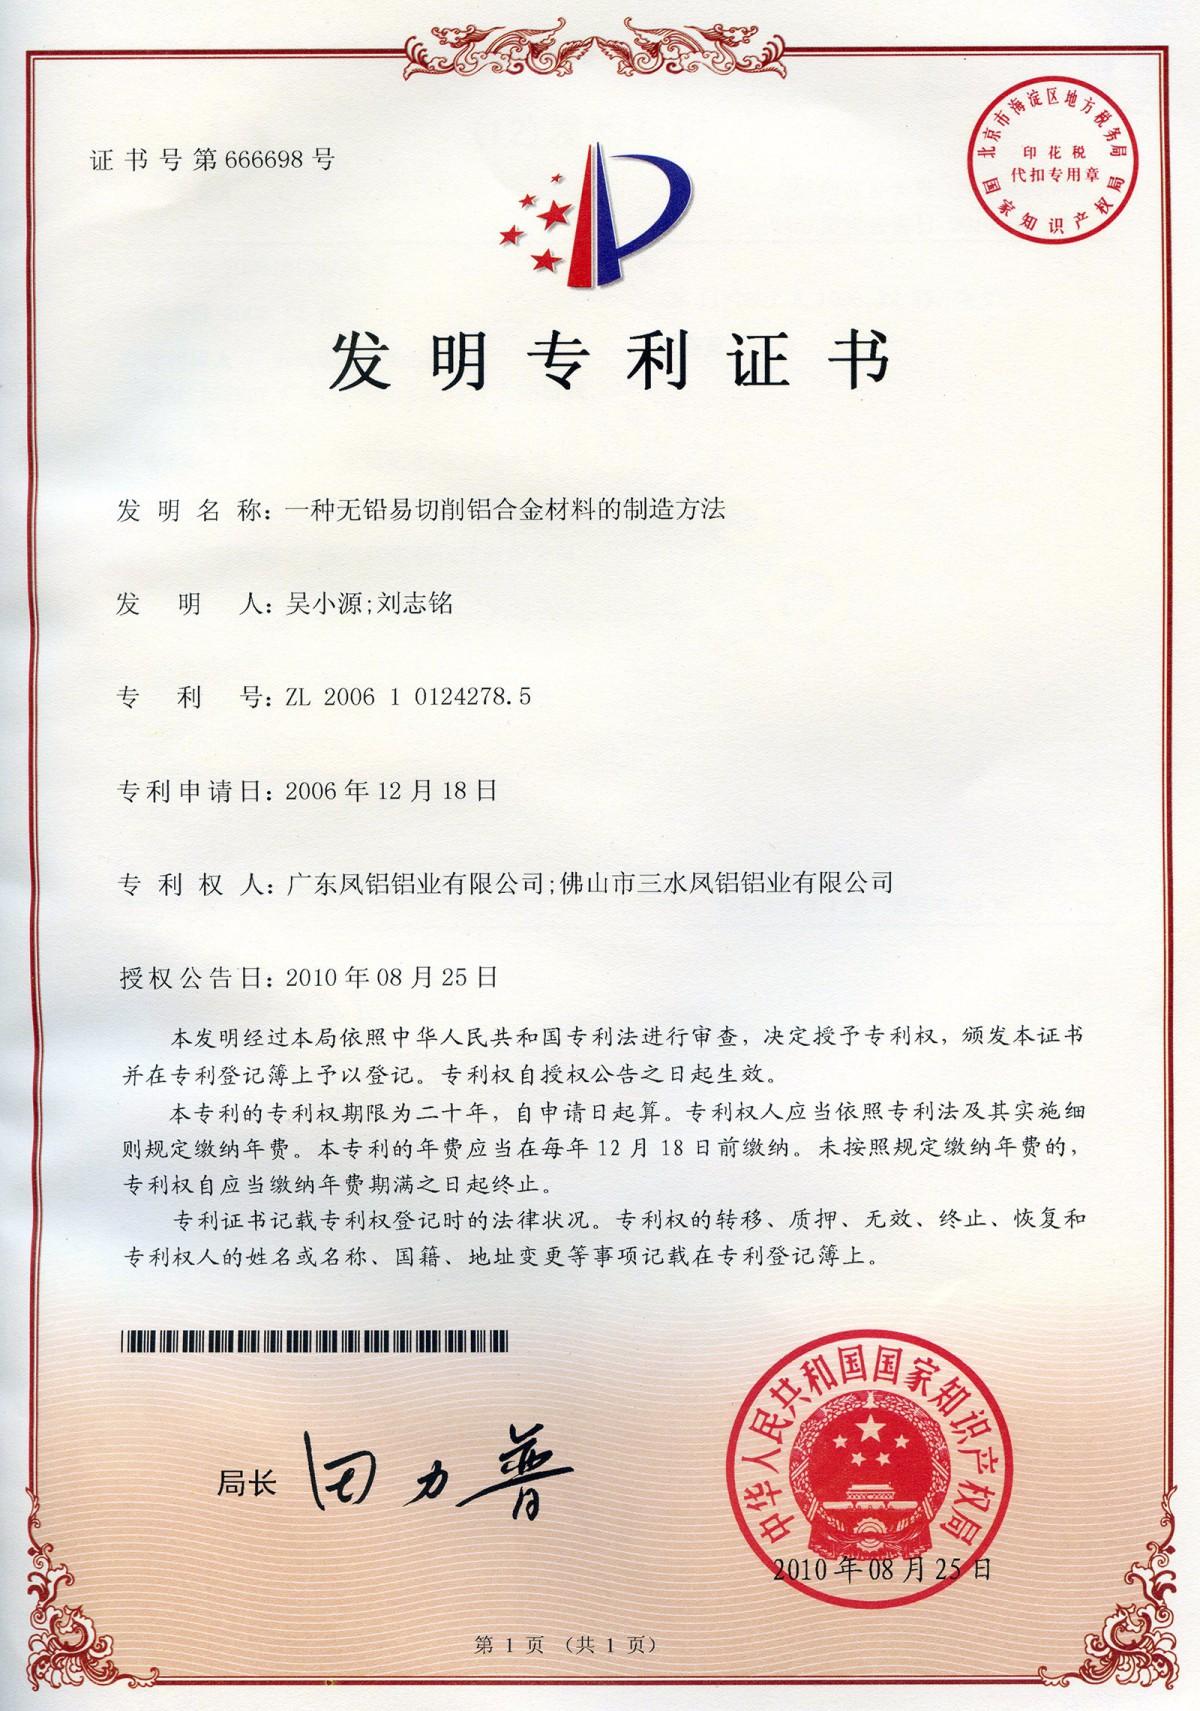 榮譽證(zheng)書